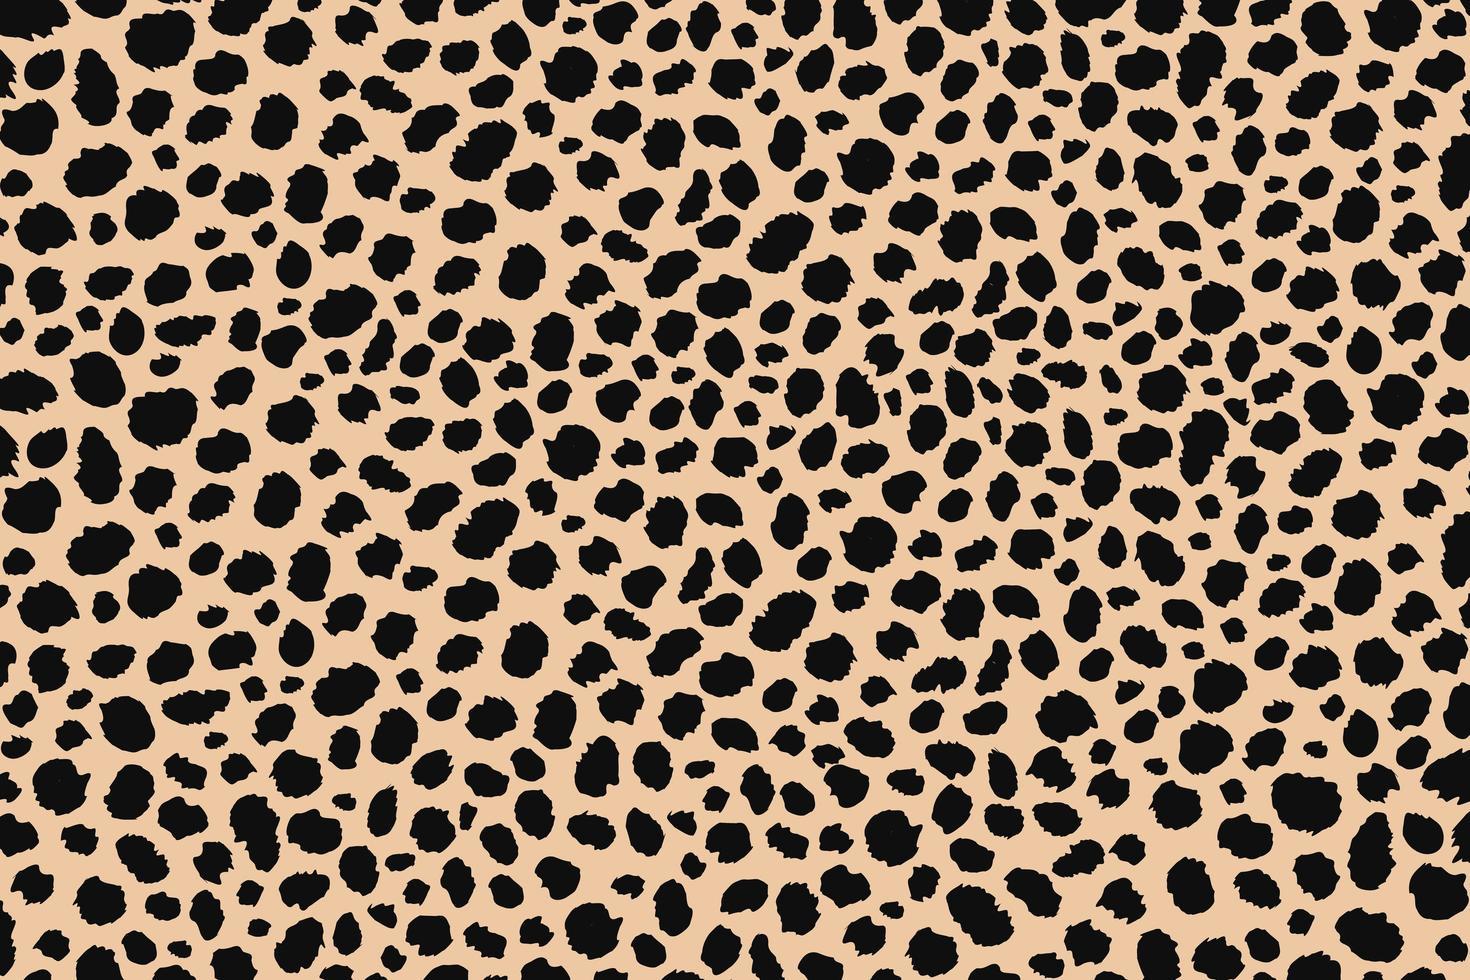 diseño de estampado animal de puntos abstractos. diseño de estampado de leopardo. Fondo de piel de guepardo. vector